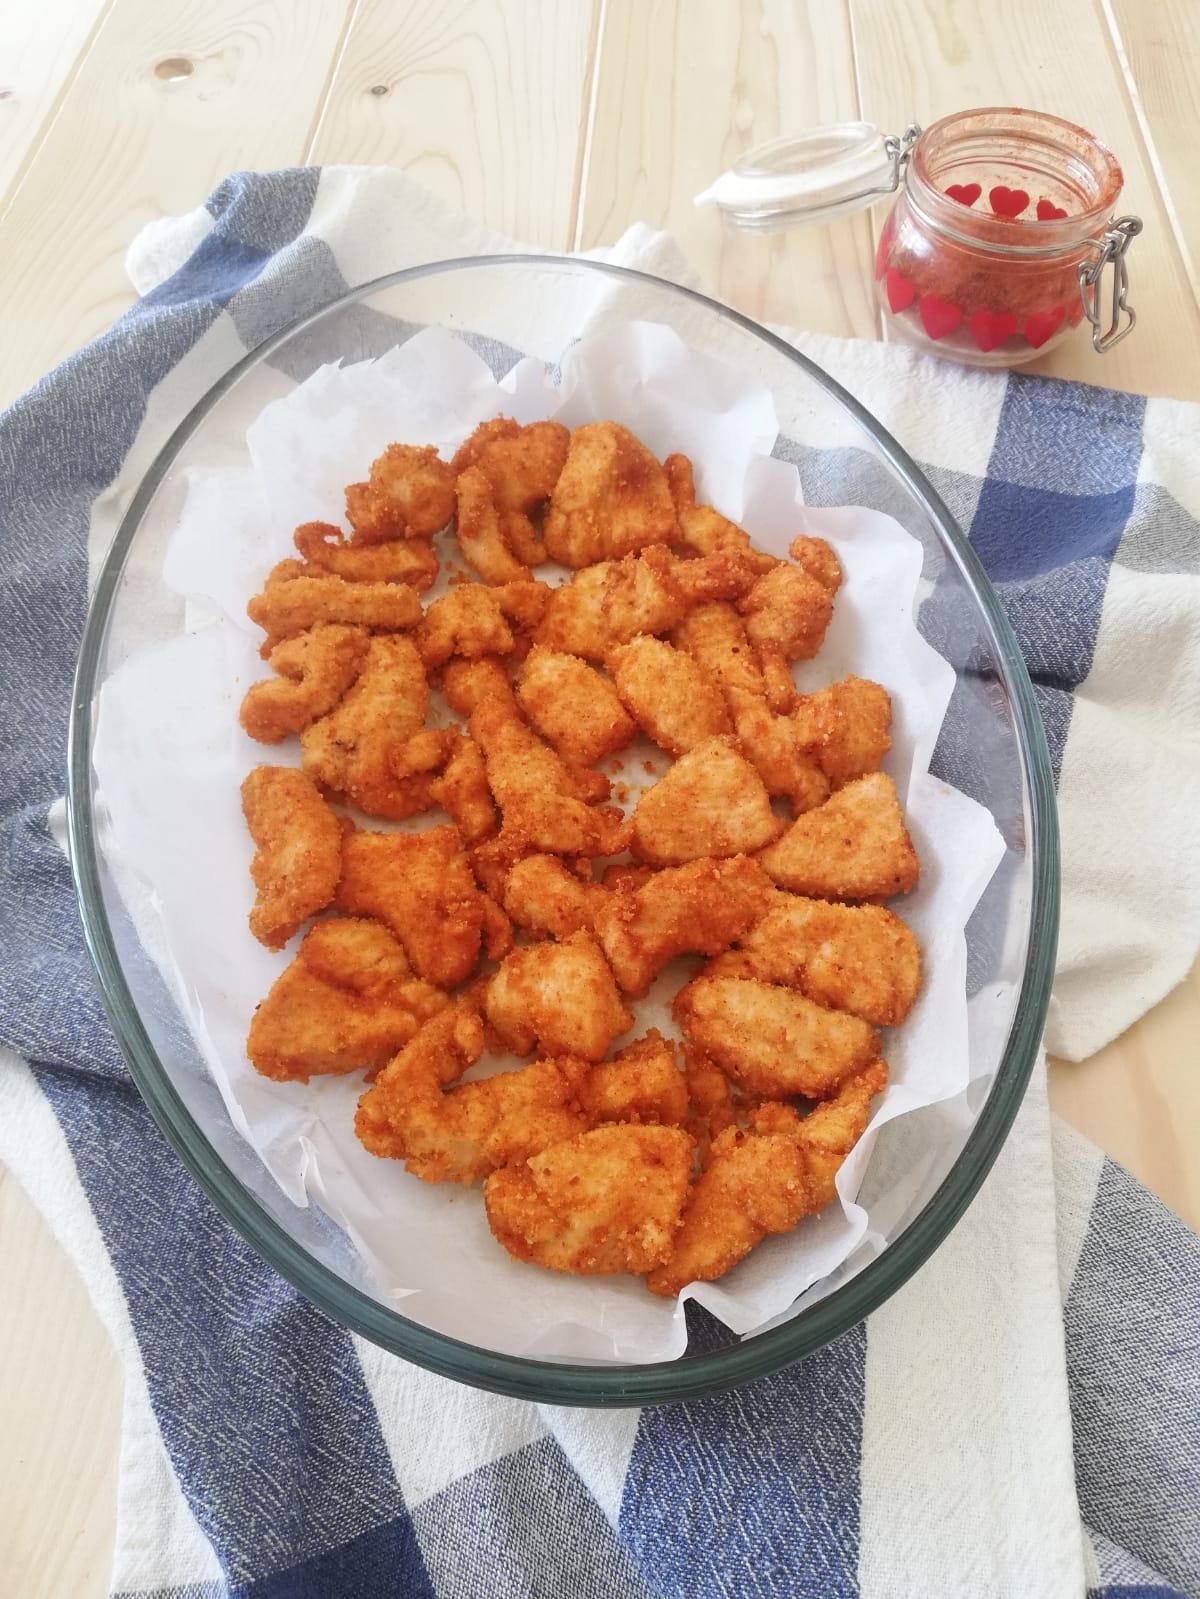 bocconcini di pollo alla paprika al forno ver